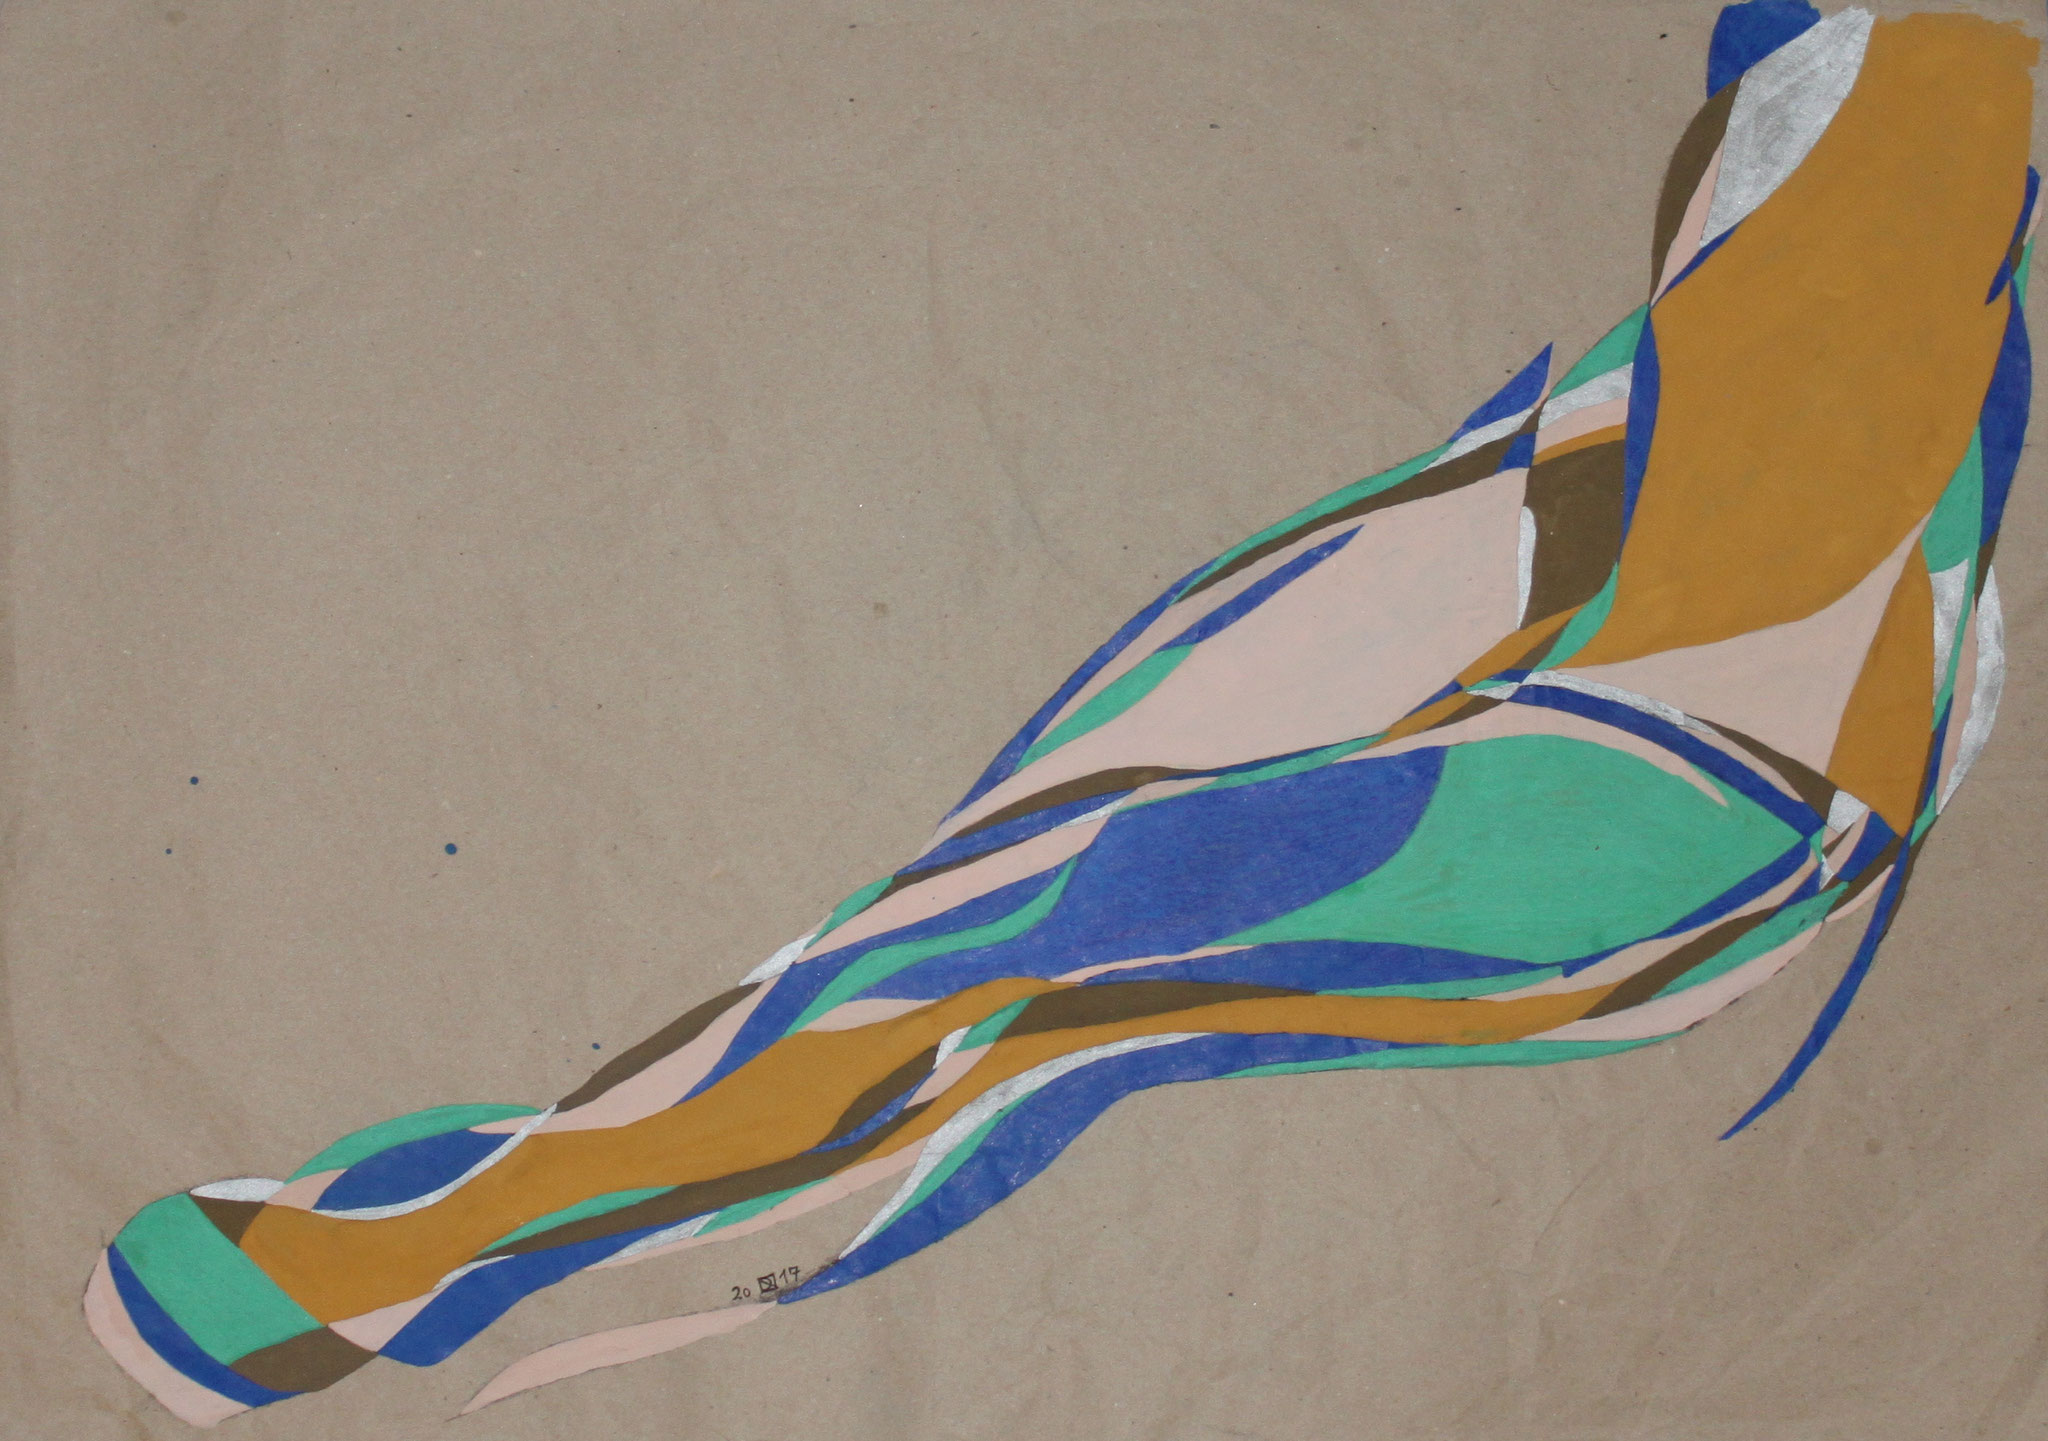 Sitting, Aquarell und Buntstift auf Papier, 2017,  50 cm x 70 cm